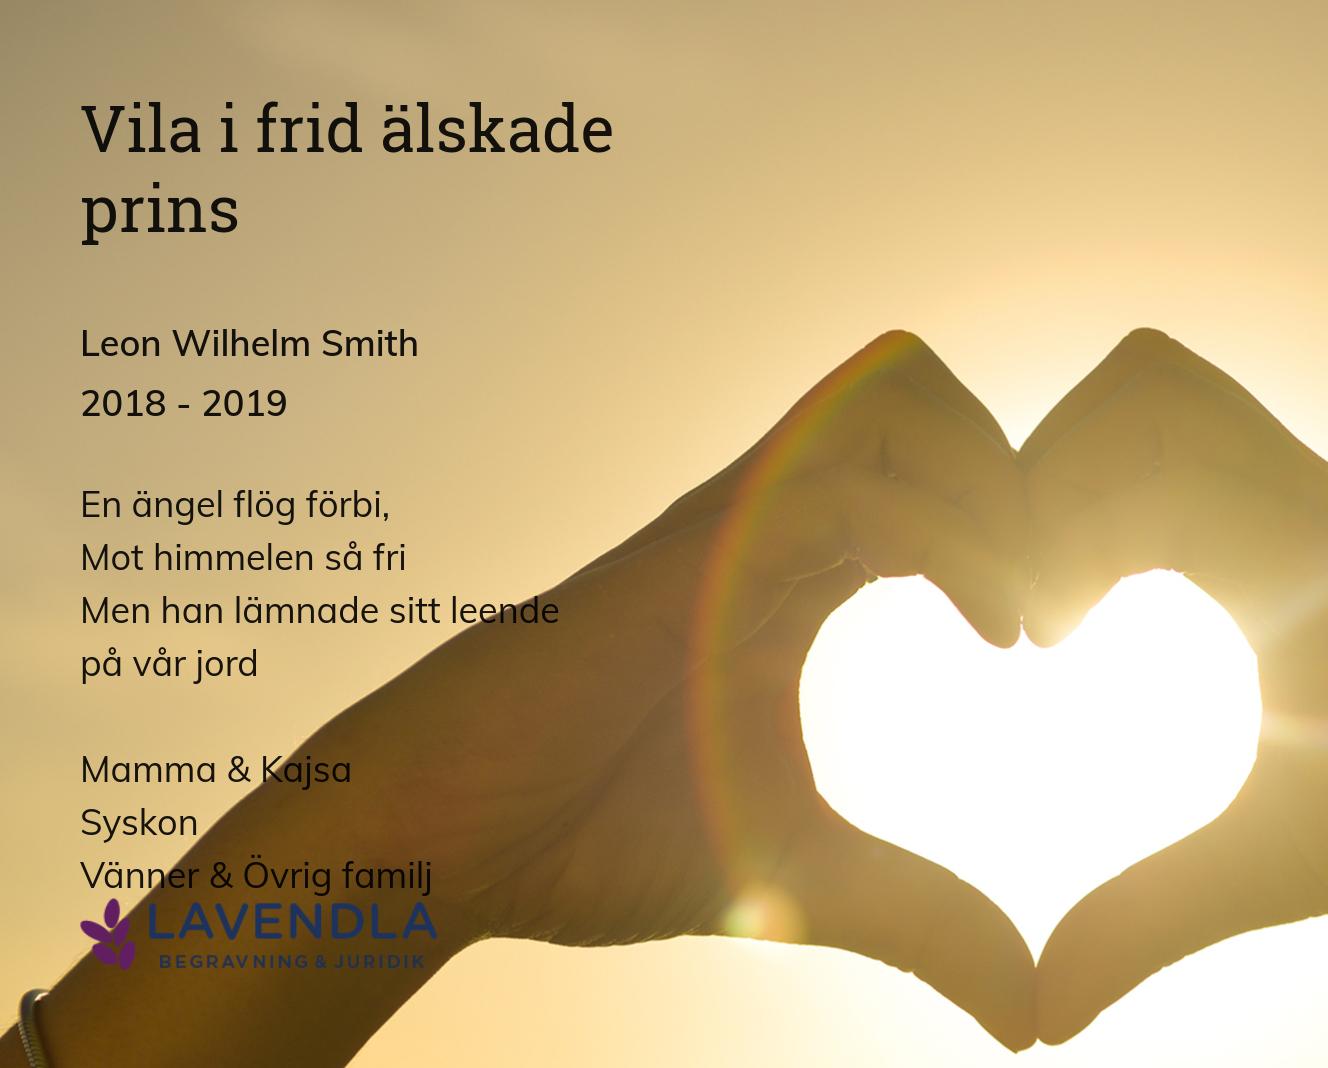 Inbjudningskort till ceremonin för Leon Wilhelm Smith